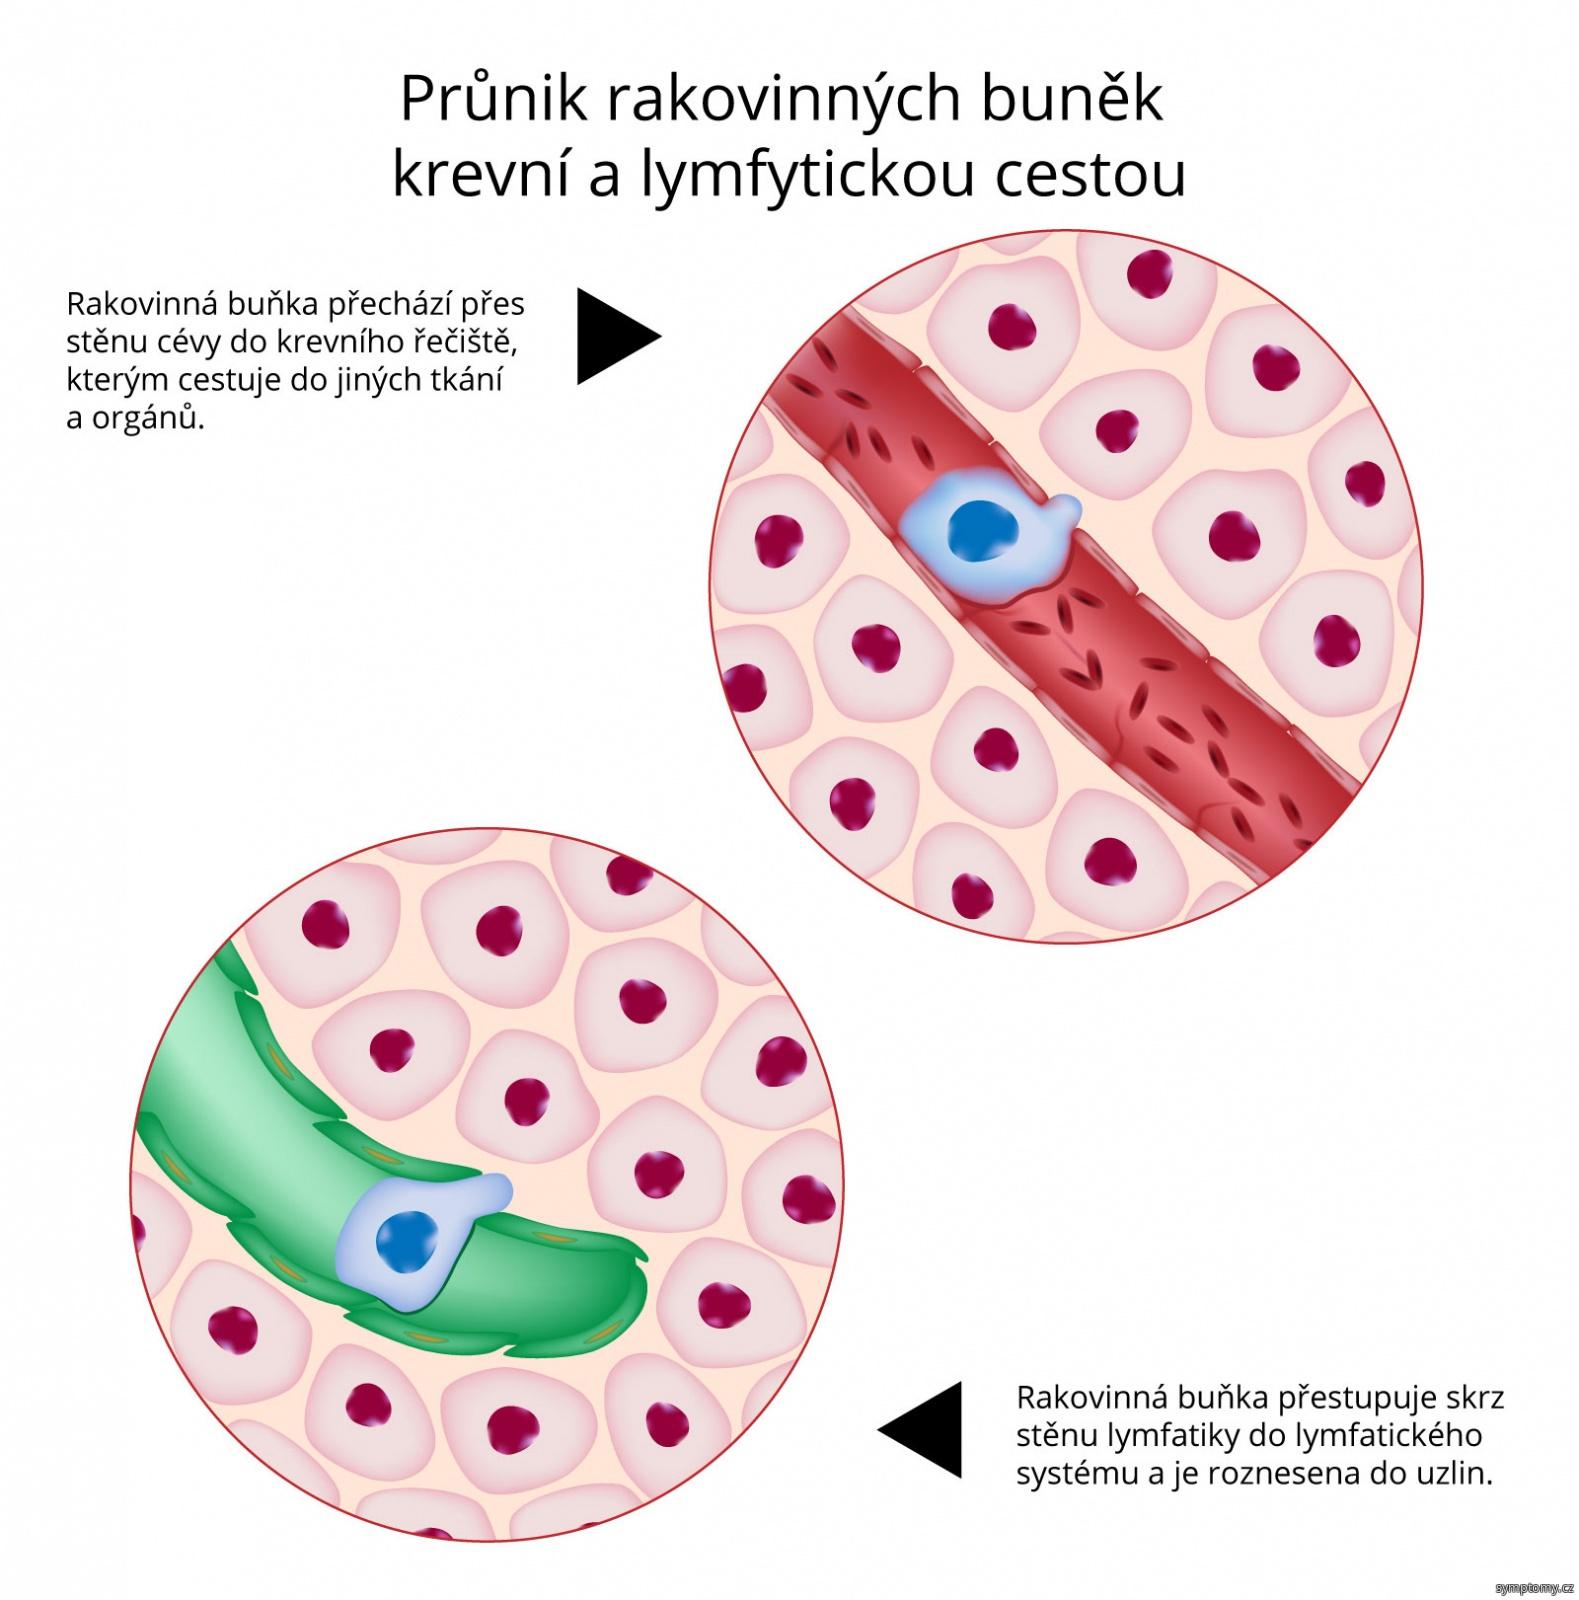 Průnik rakovinných buněk krevní a lymfytickou cestou